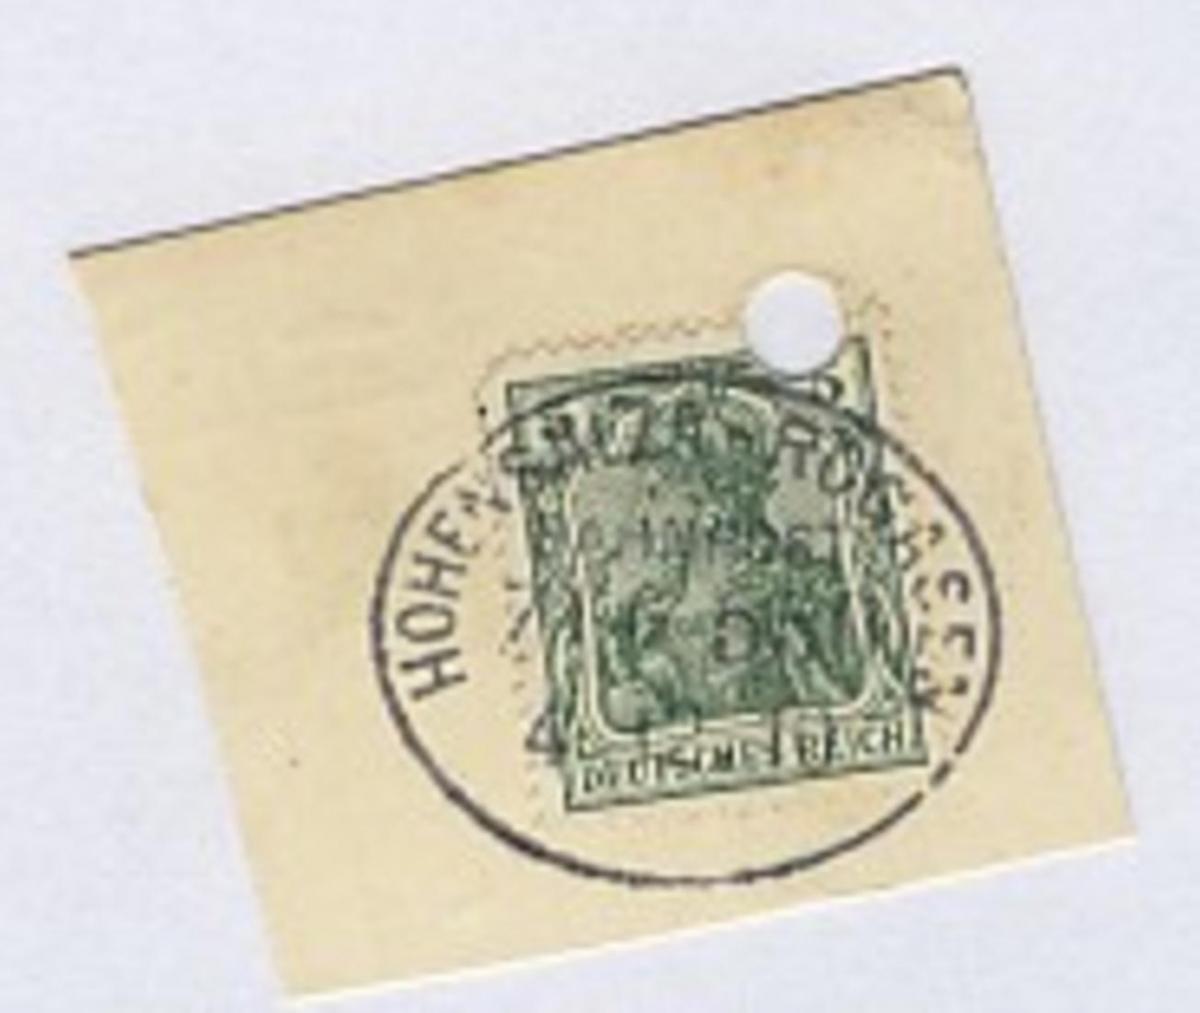 HOHENSALZA-ROGASEN ZUG 550 4.12.10 auf Bf.-Stück, Aktenloch 0